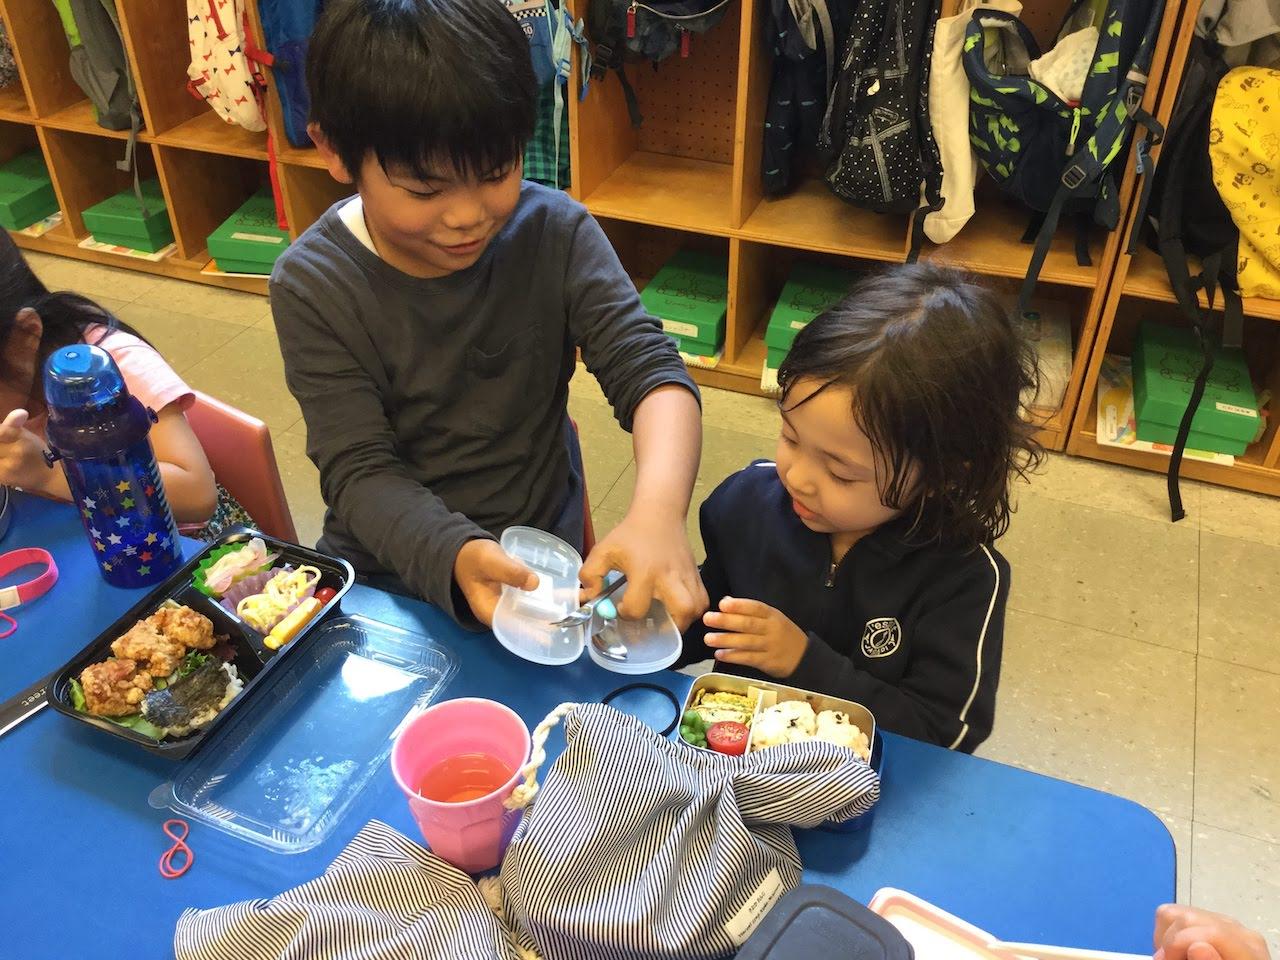 4年生との交流 幼少交流会